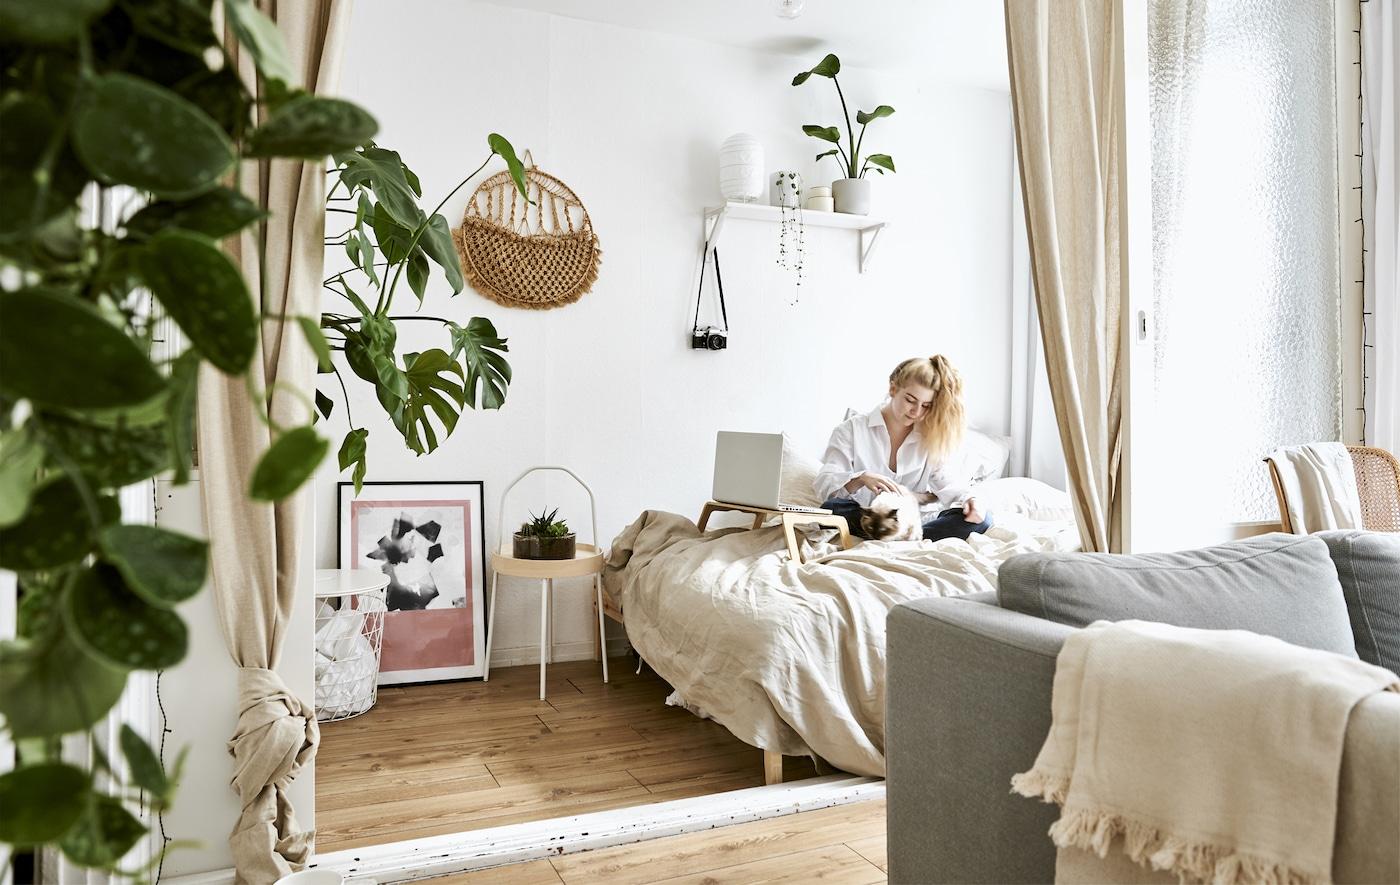 Salón y zona de dormitorio en una estancia con sofá, cama y cortinas amarradas.